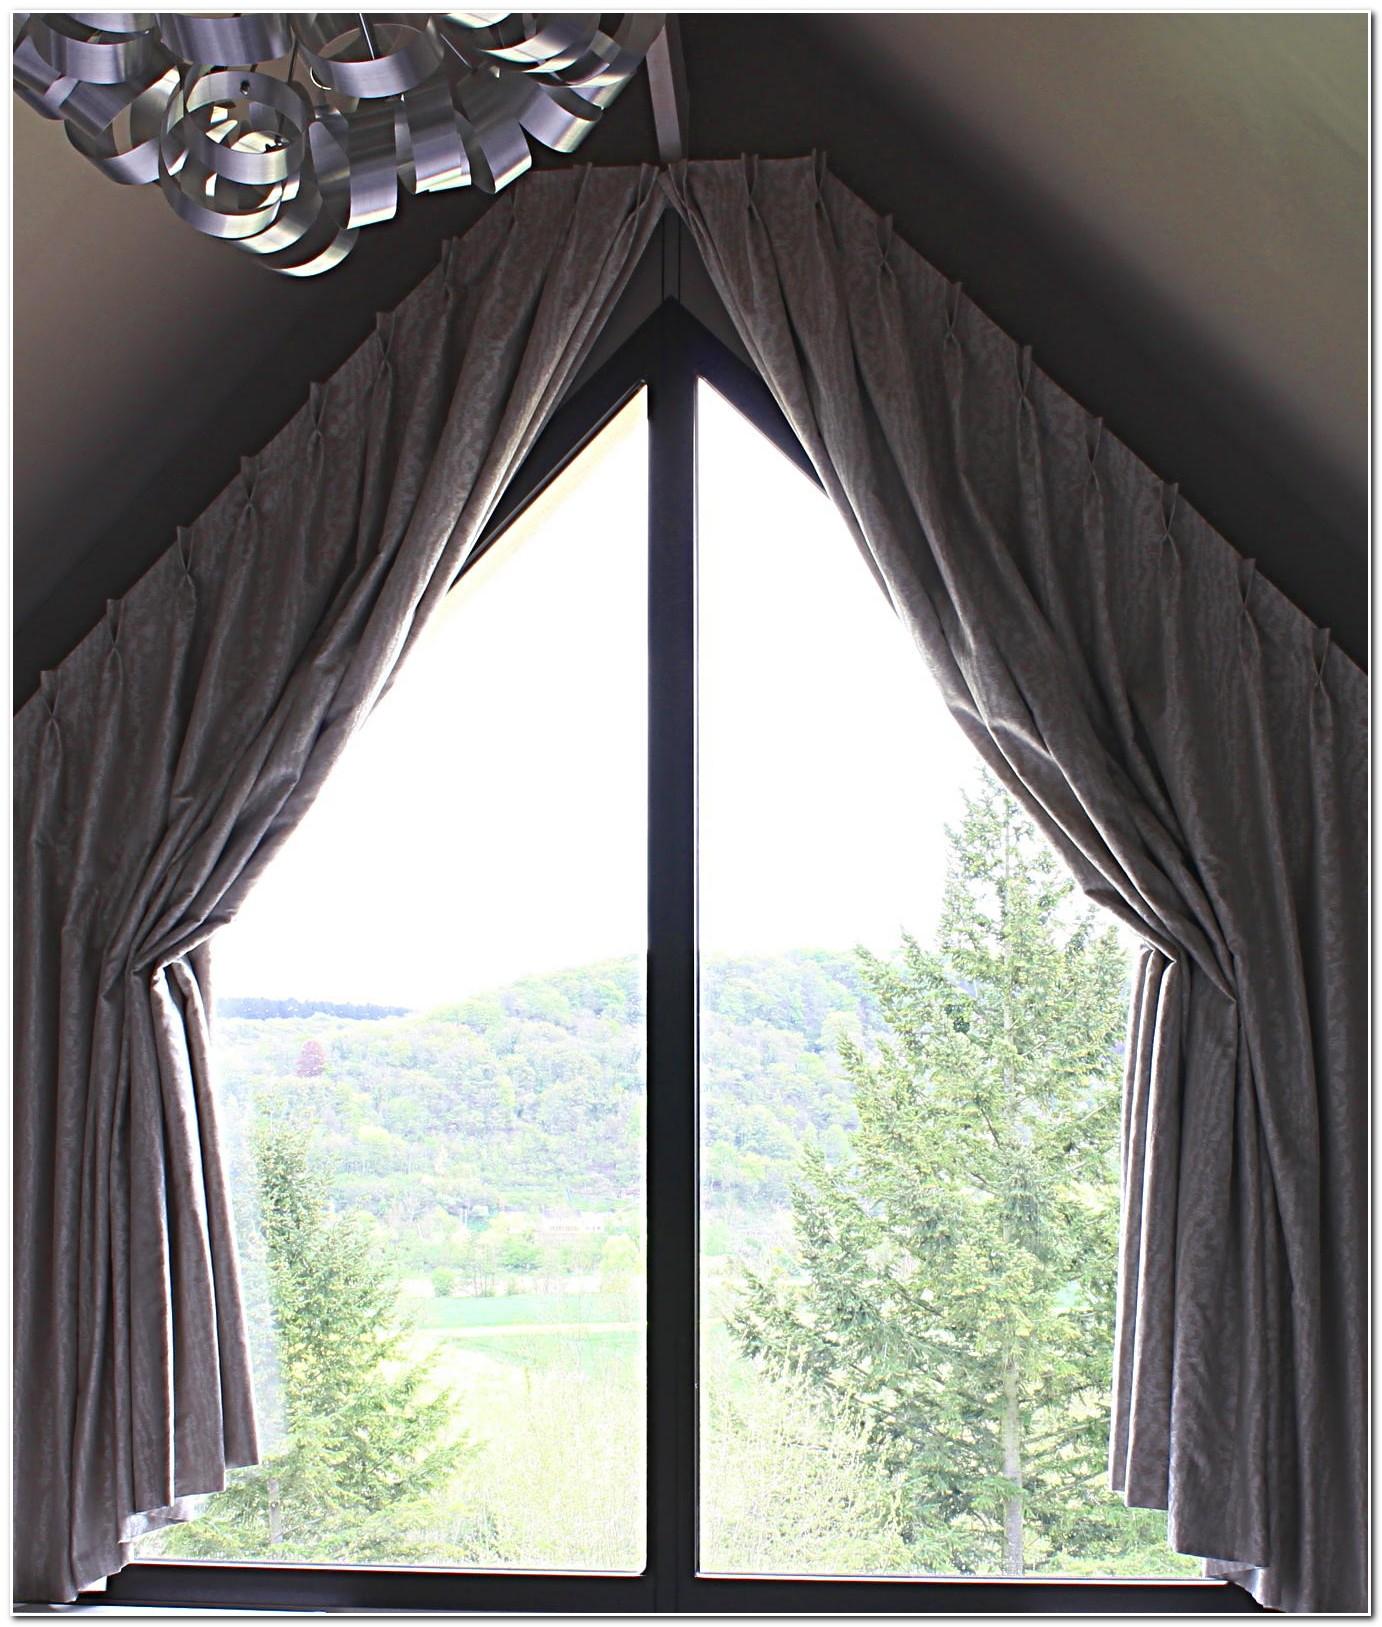 Rideaux pour fenetre triangulaire rideau id es de for Decoration maison rideaux fenetre